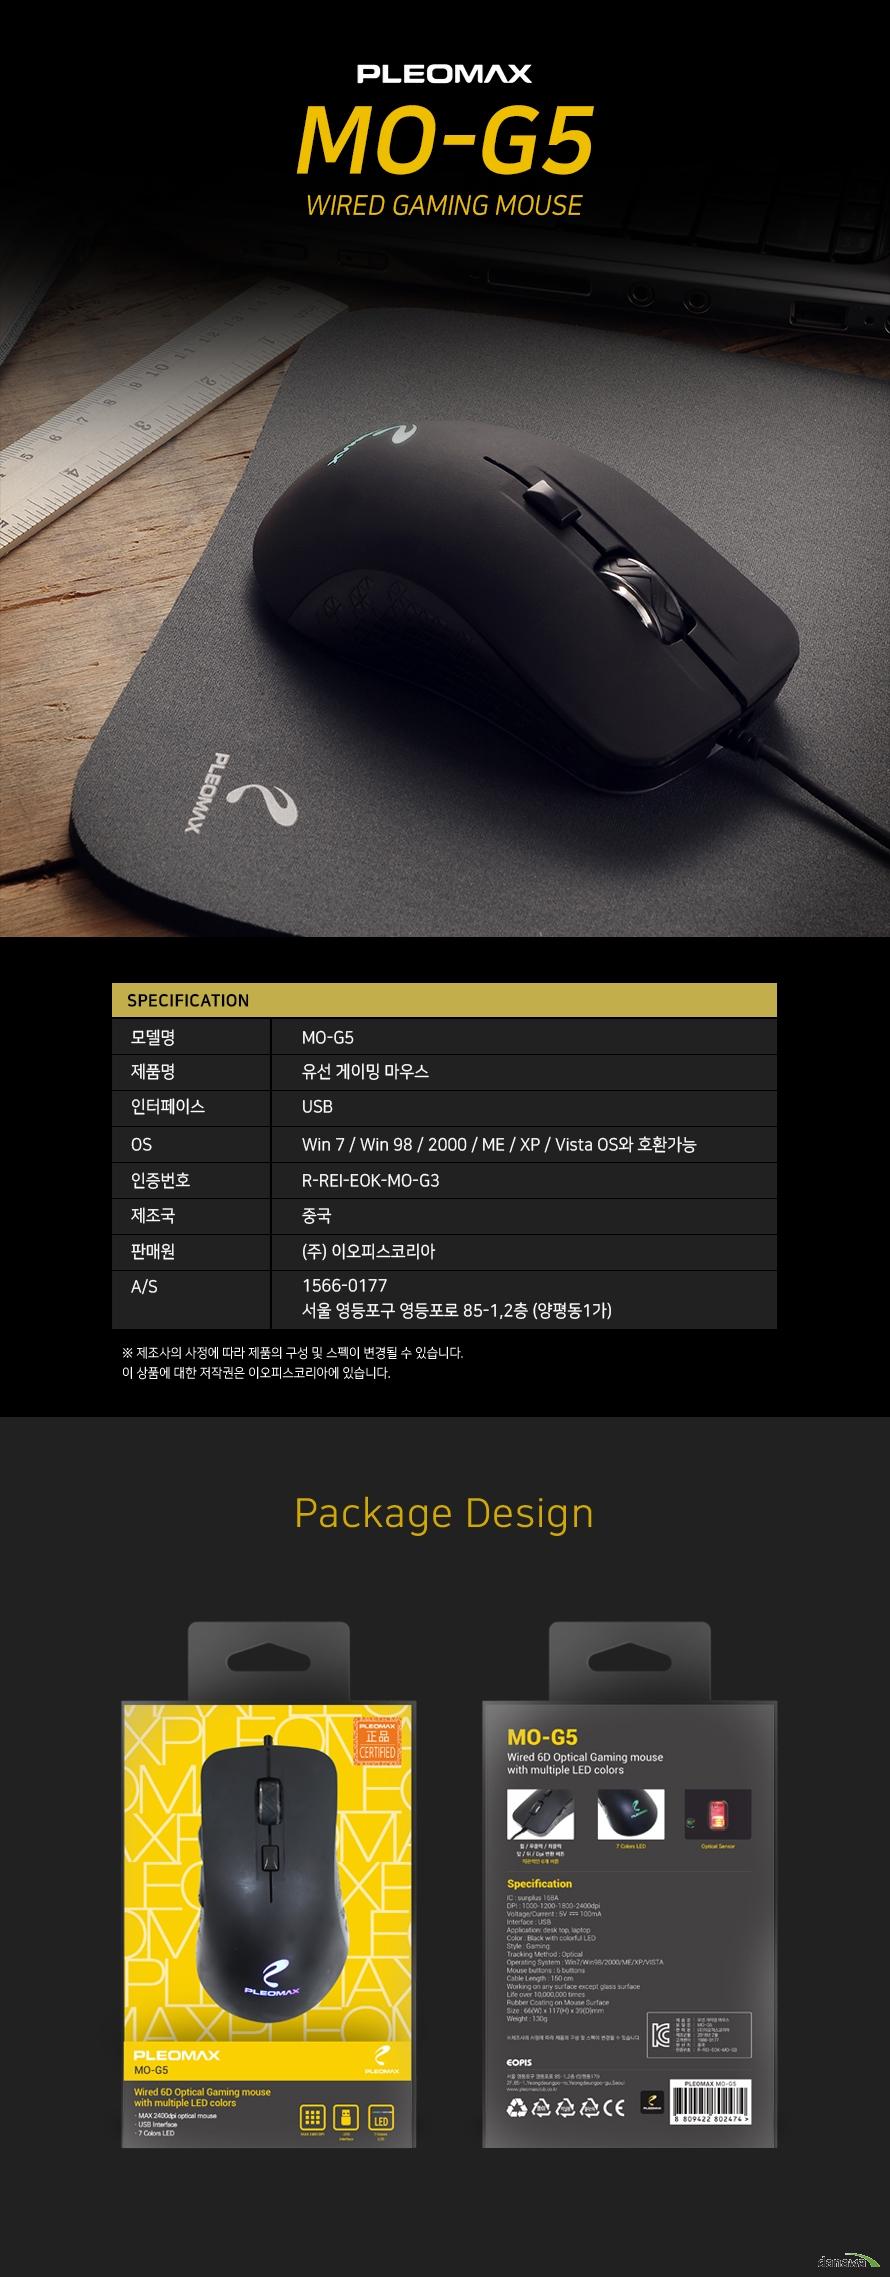 스펙 모델명 MO-G5 제품명 유선 게이밍 마우스 인터페이스 USB OS Win7 / Win98 / 2000 / ME / XP / Vista OS와 호환 가능 인증번호 R-REI-EOK-MO-G3 제조국 중국 판매원 (주)이오피스코리아 A/S 1566-0177 서울 영등포구 영등포로 85-1,2층 (양평동1가) 패키지 디자인